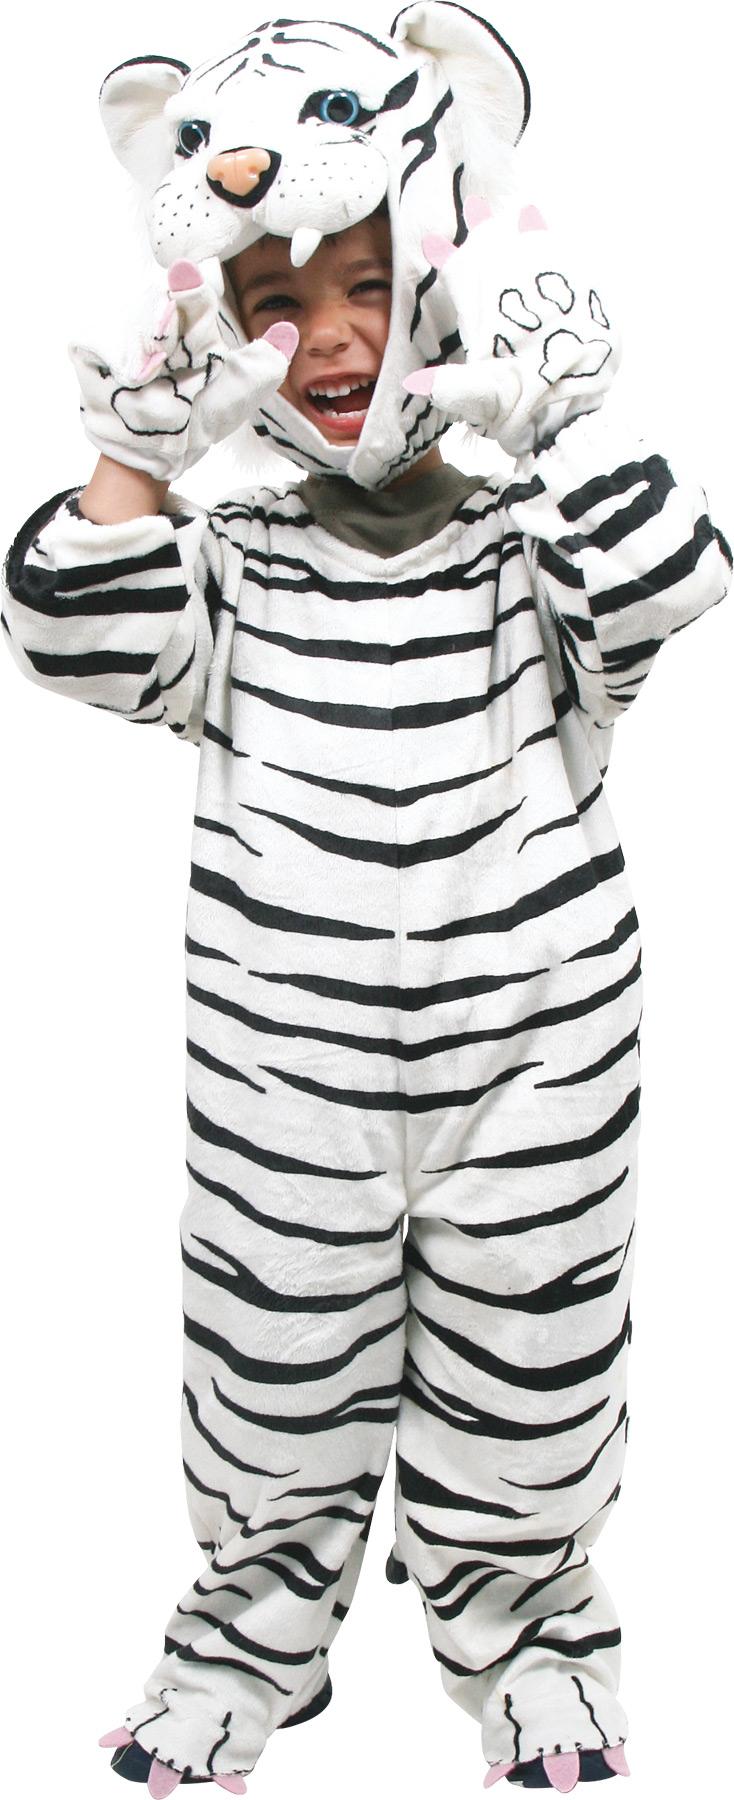 White Tiger Costume